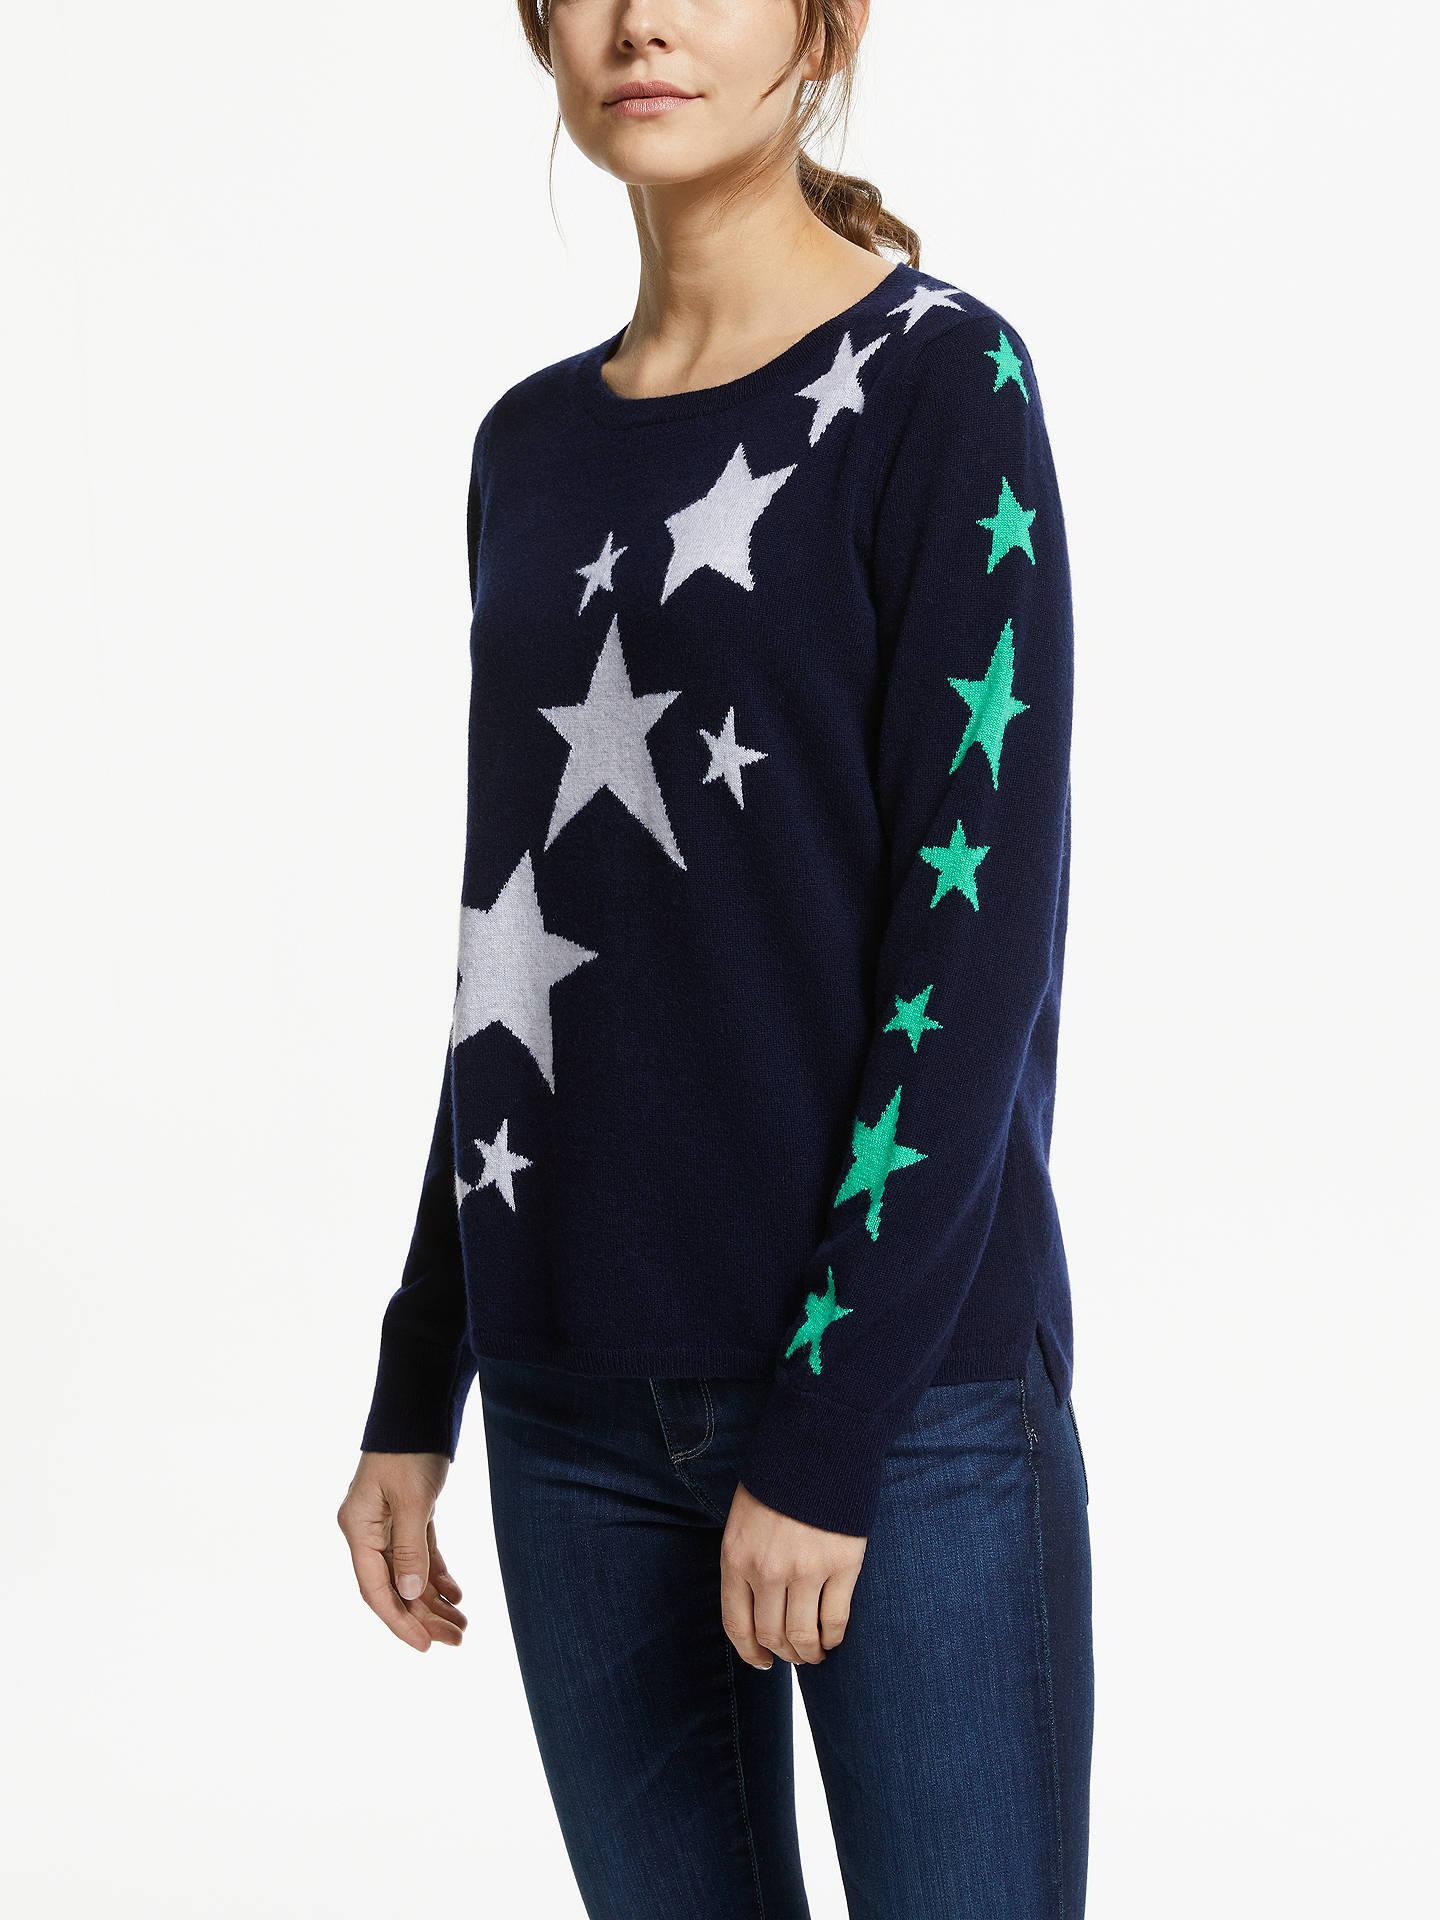 Cocoa Cashmere Women/'s Cashmere Star Jumper